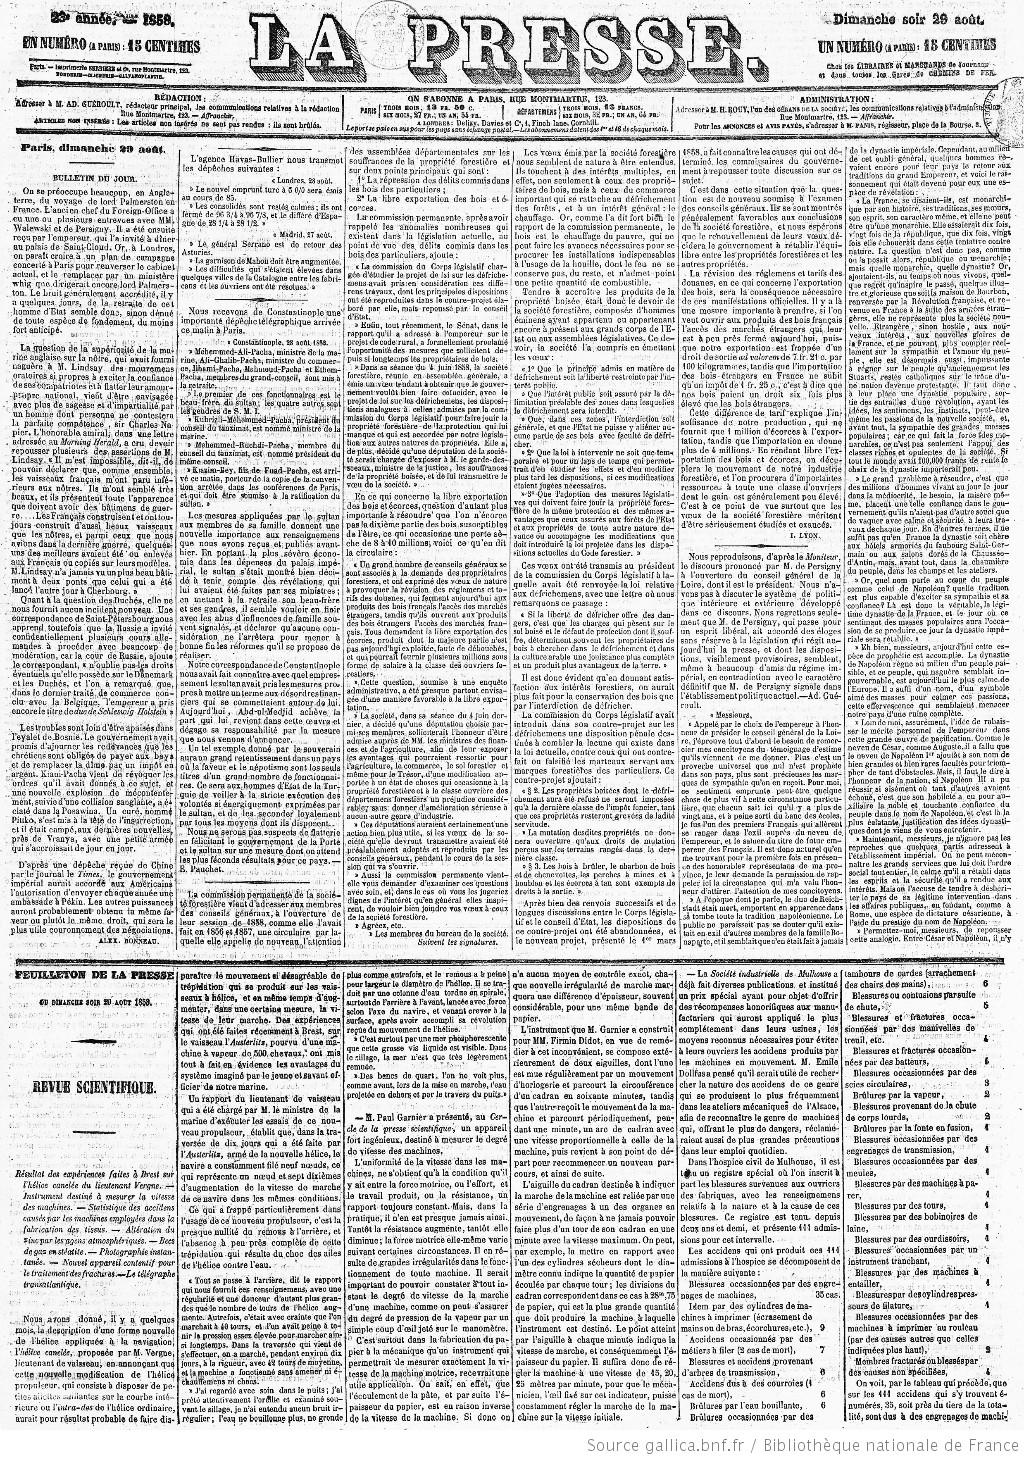 La Presse | 1858-08-29 | Gallica